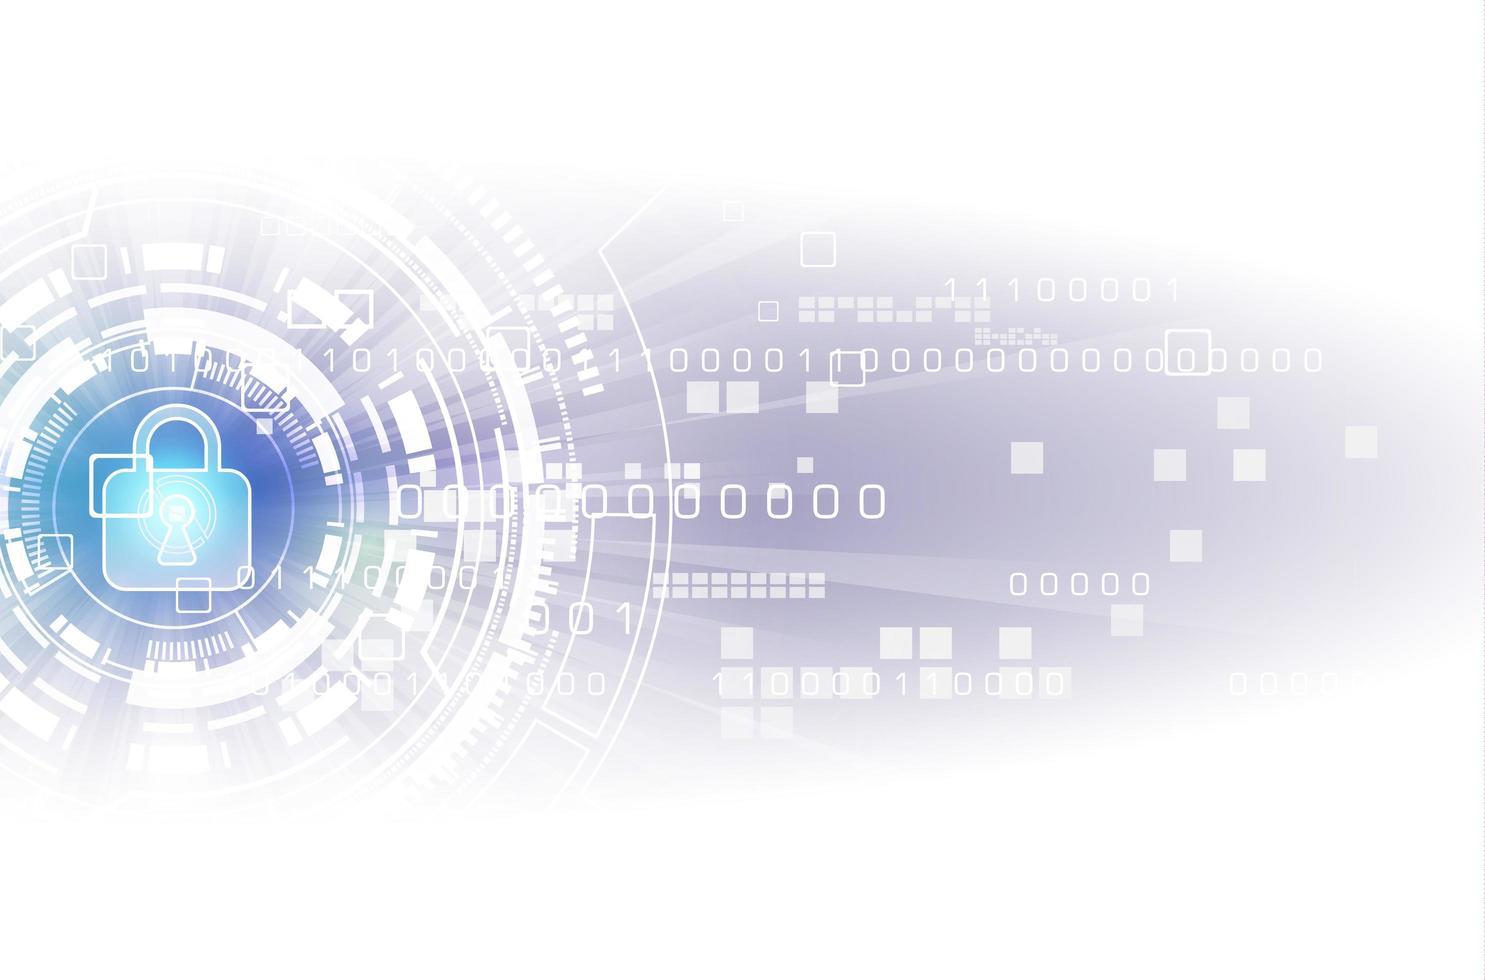 säkerhet digital teknik koncept vektor